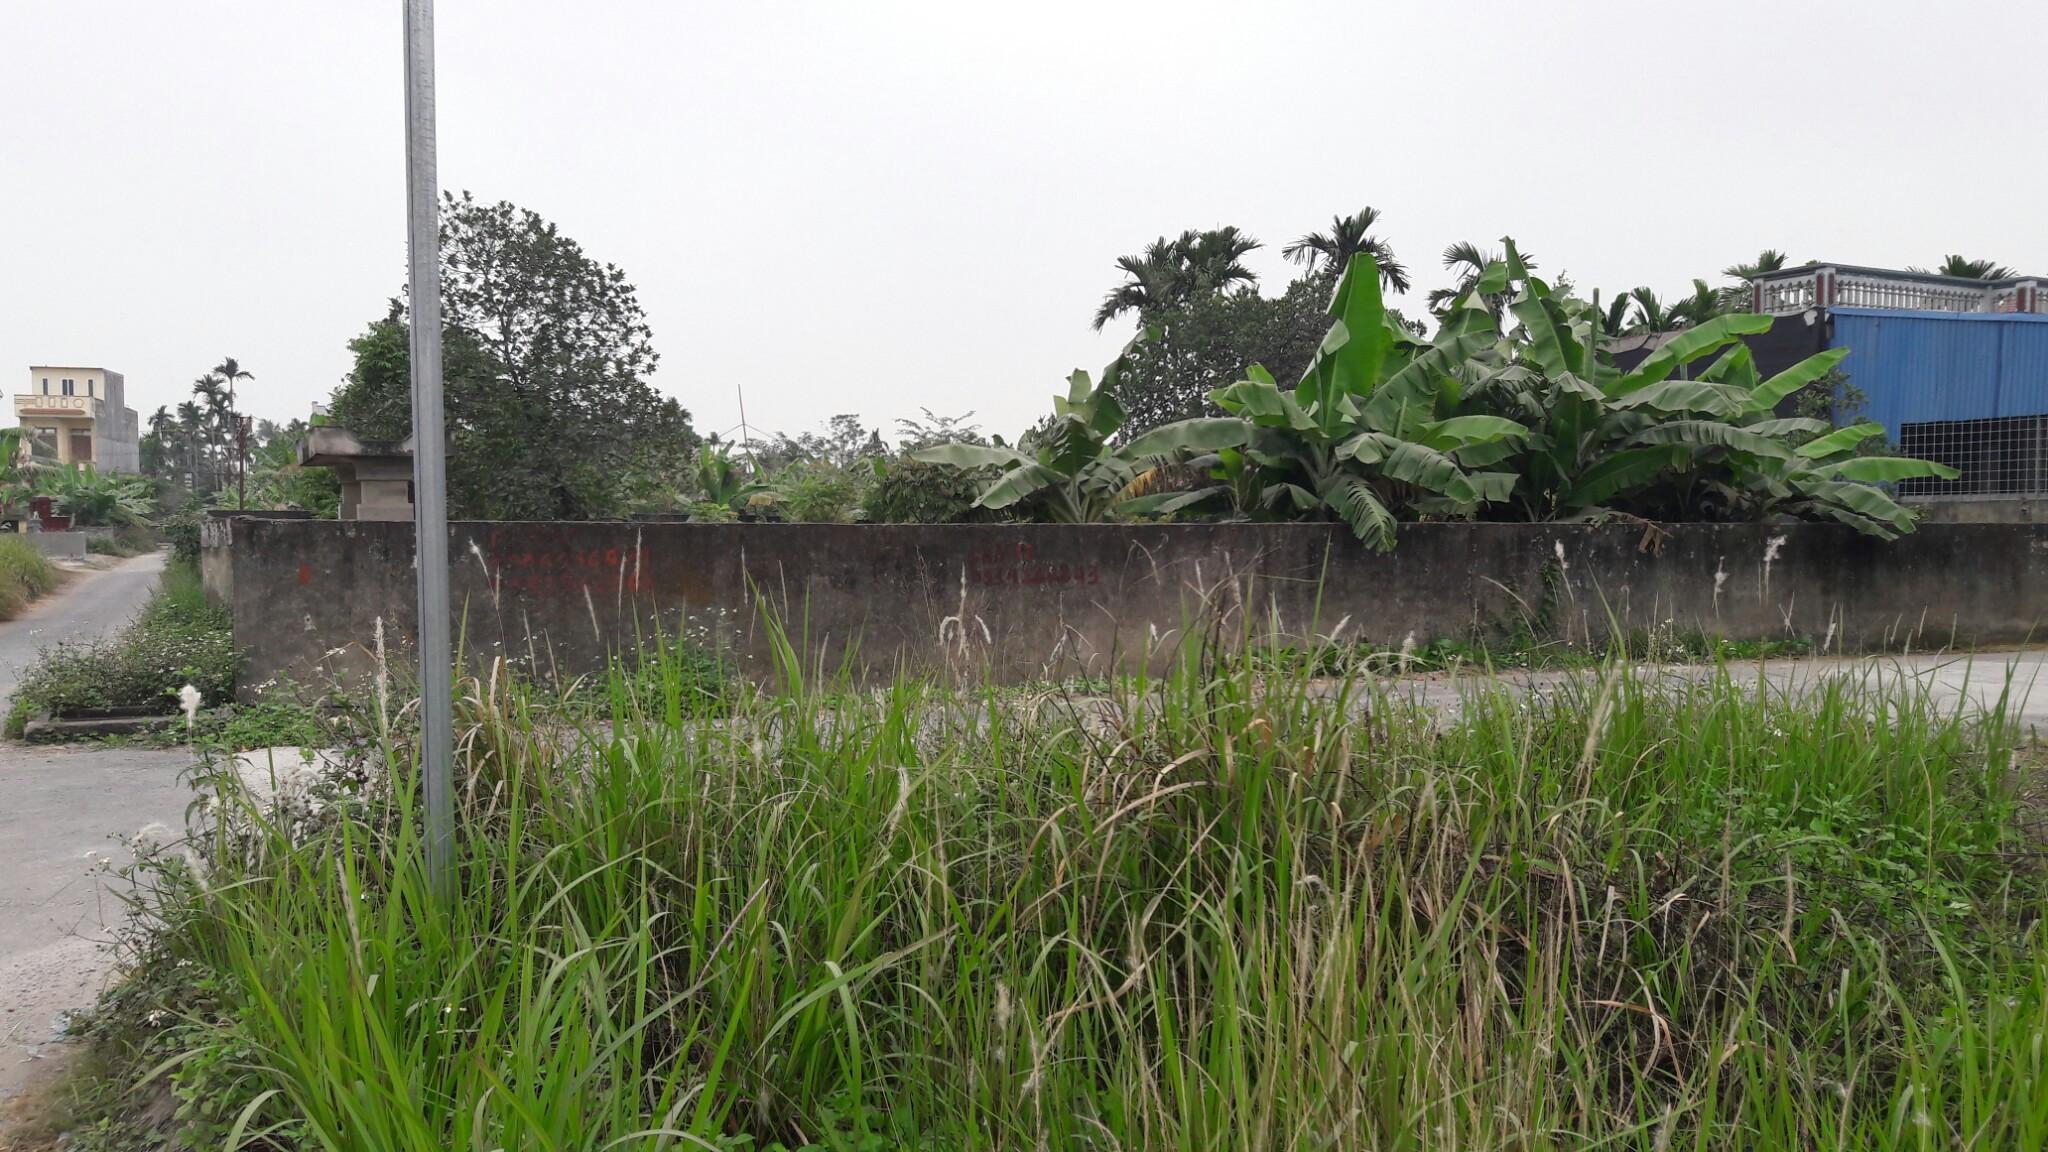 Toàn quốc - Cho thuê 900m2 đất 3 mặt tiền tại khu dự án thôn Vân Tra, xã An Đồng, Anh Dương, Hải Phòng Cho_thue_dat_van_tra